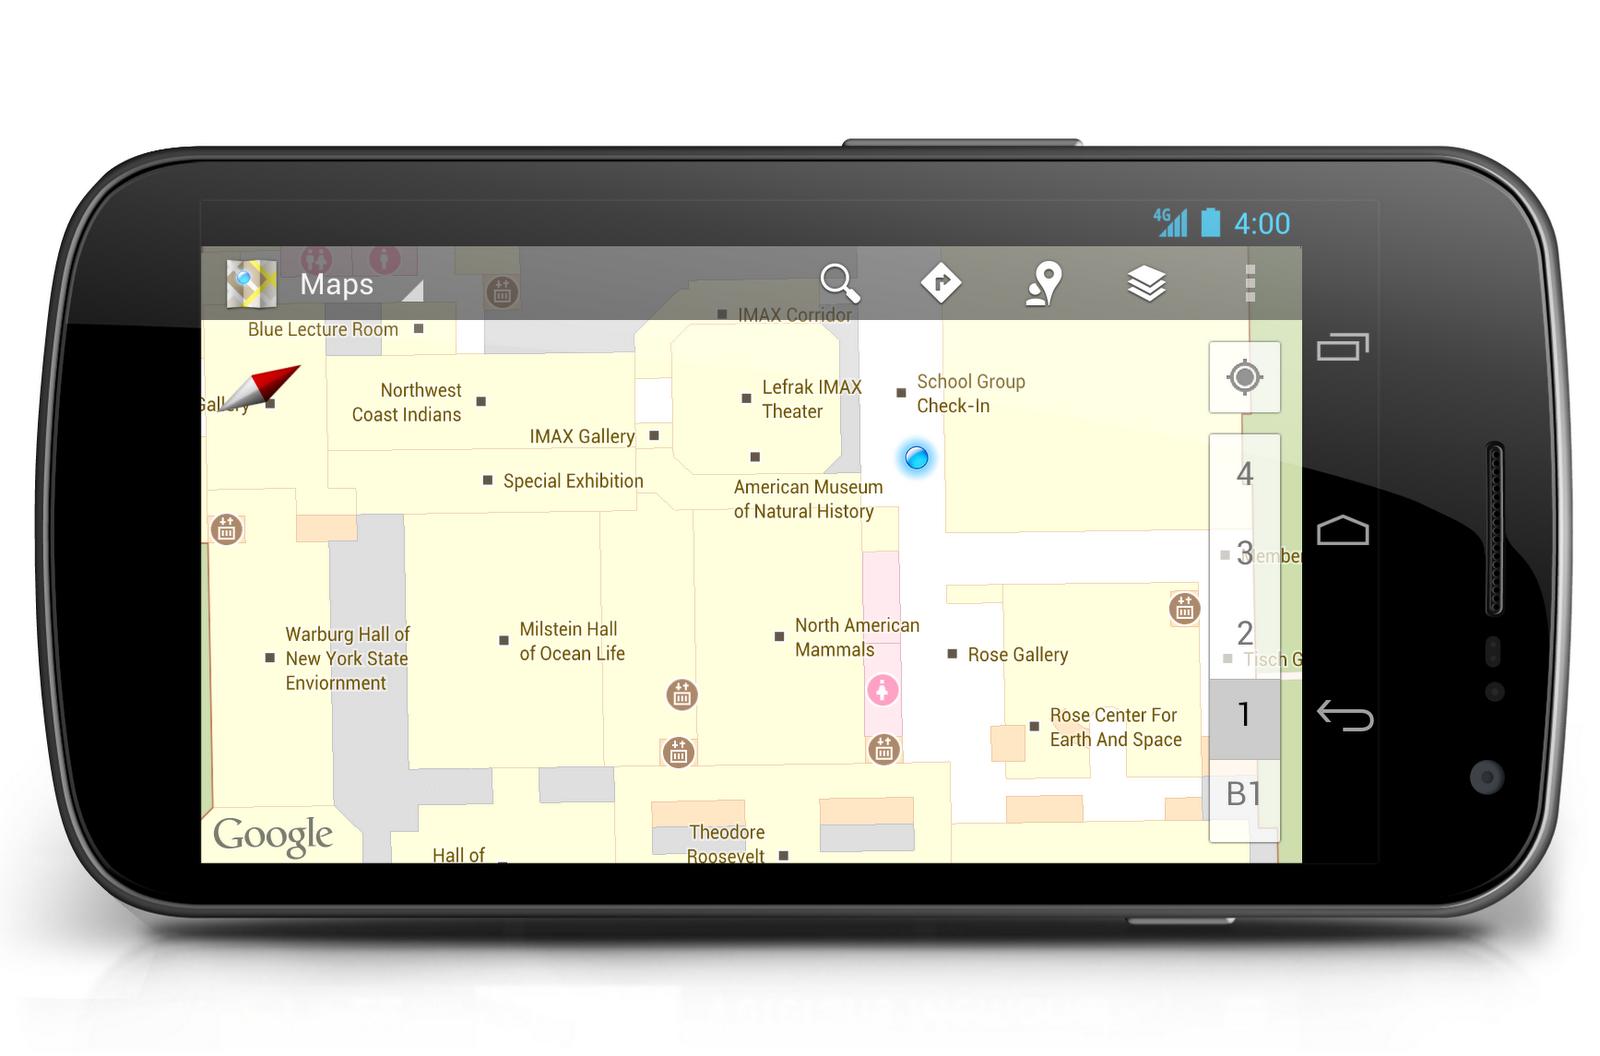 indoor google maps help you make your way through museums  official googleblog. indoor google maps help you make your way through museums